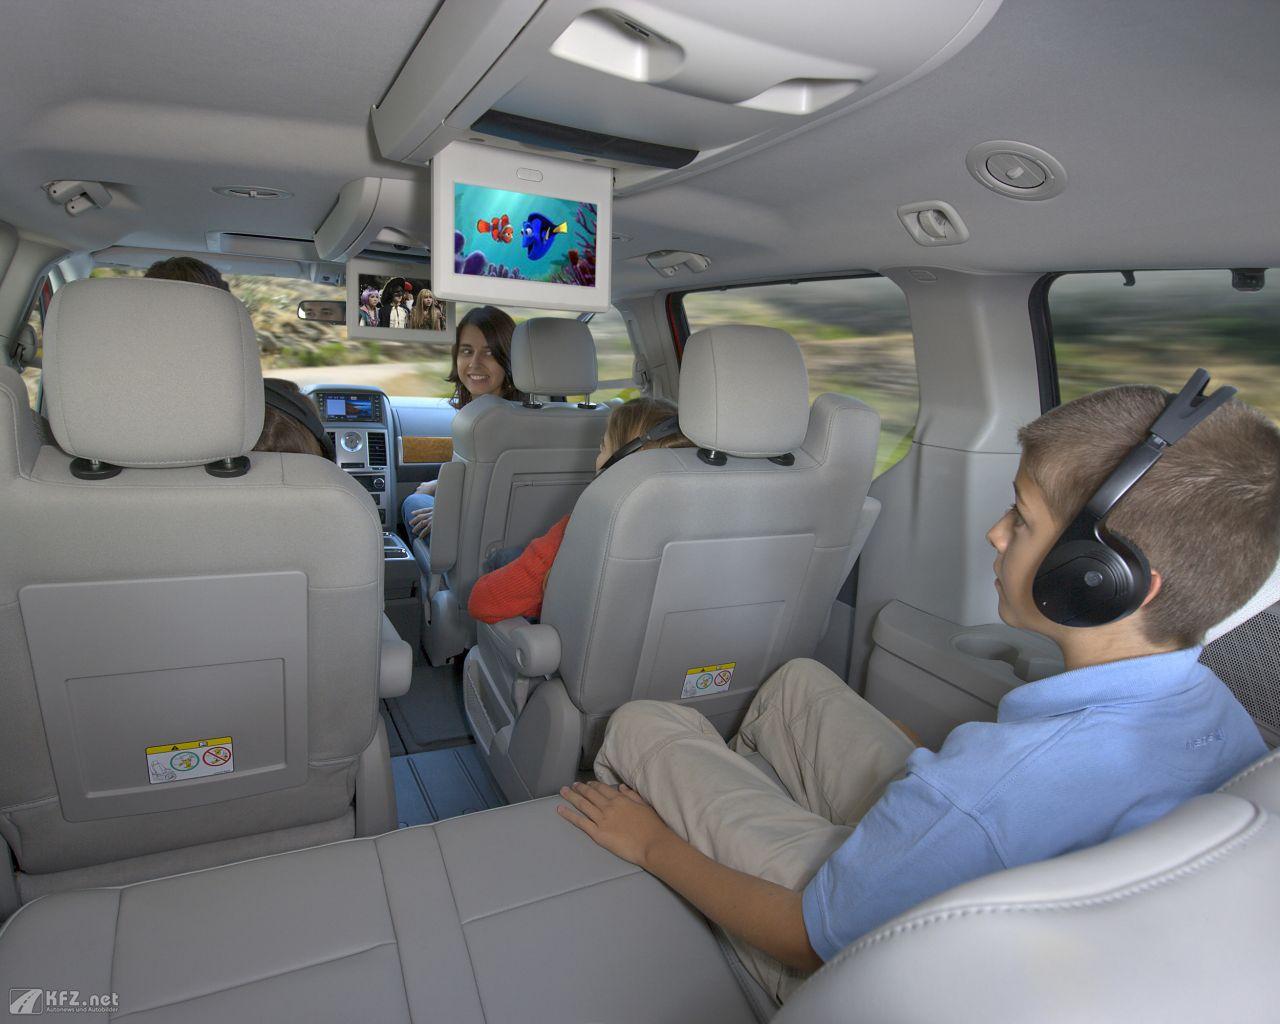 Chrysler Swivel And Go 2009 Chrysler Grand Voyager